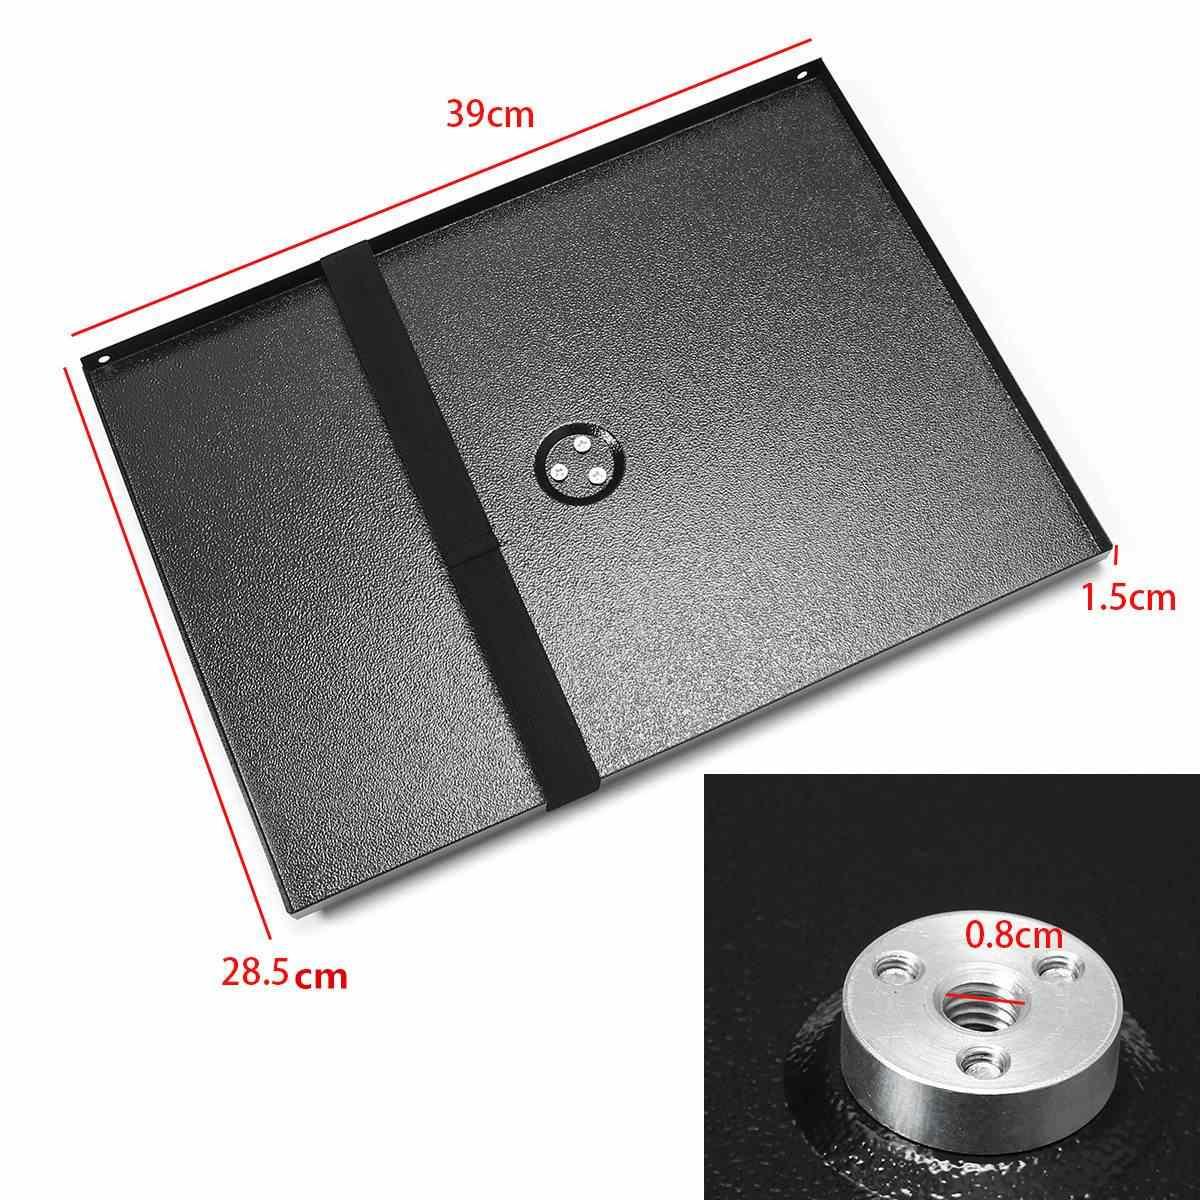 Para trípode de tornillo de 1/4 ''3/8'' y soporte de bandeja de Metal para proyector portátil de 7 ''-15'' monitores resistentes y duraderos sólidos fuertes